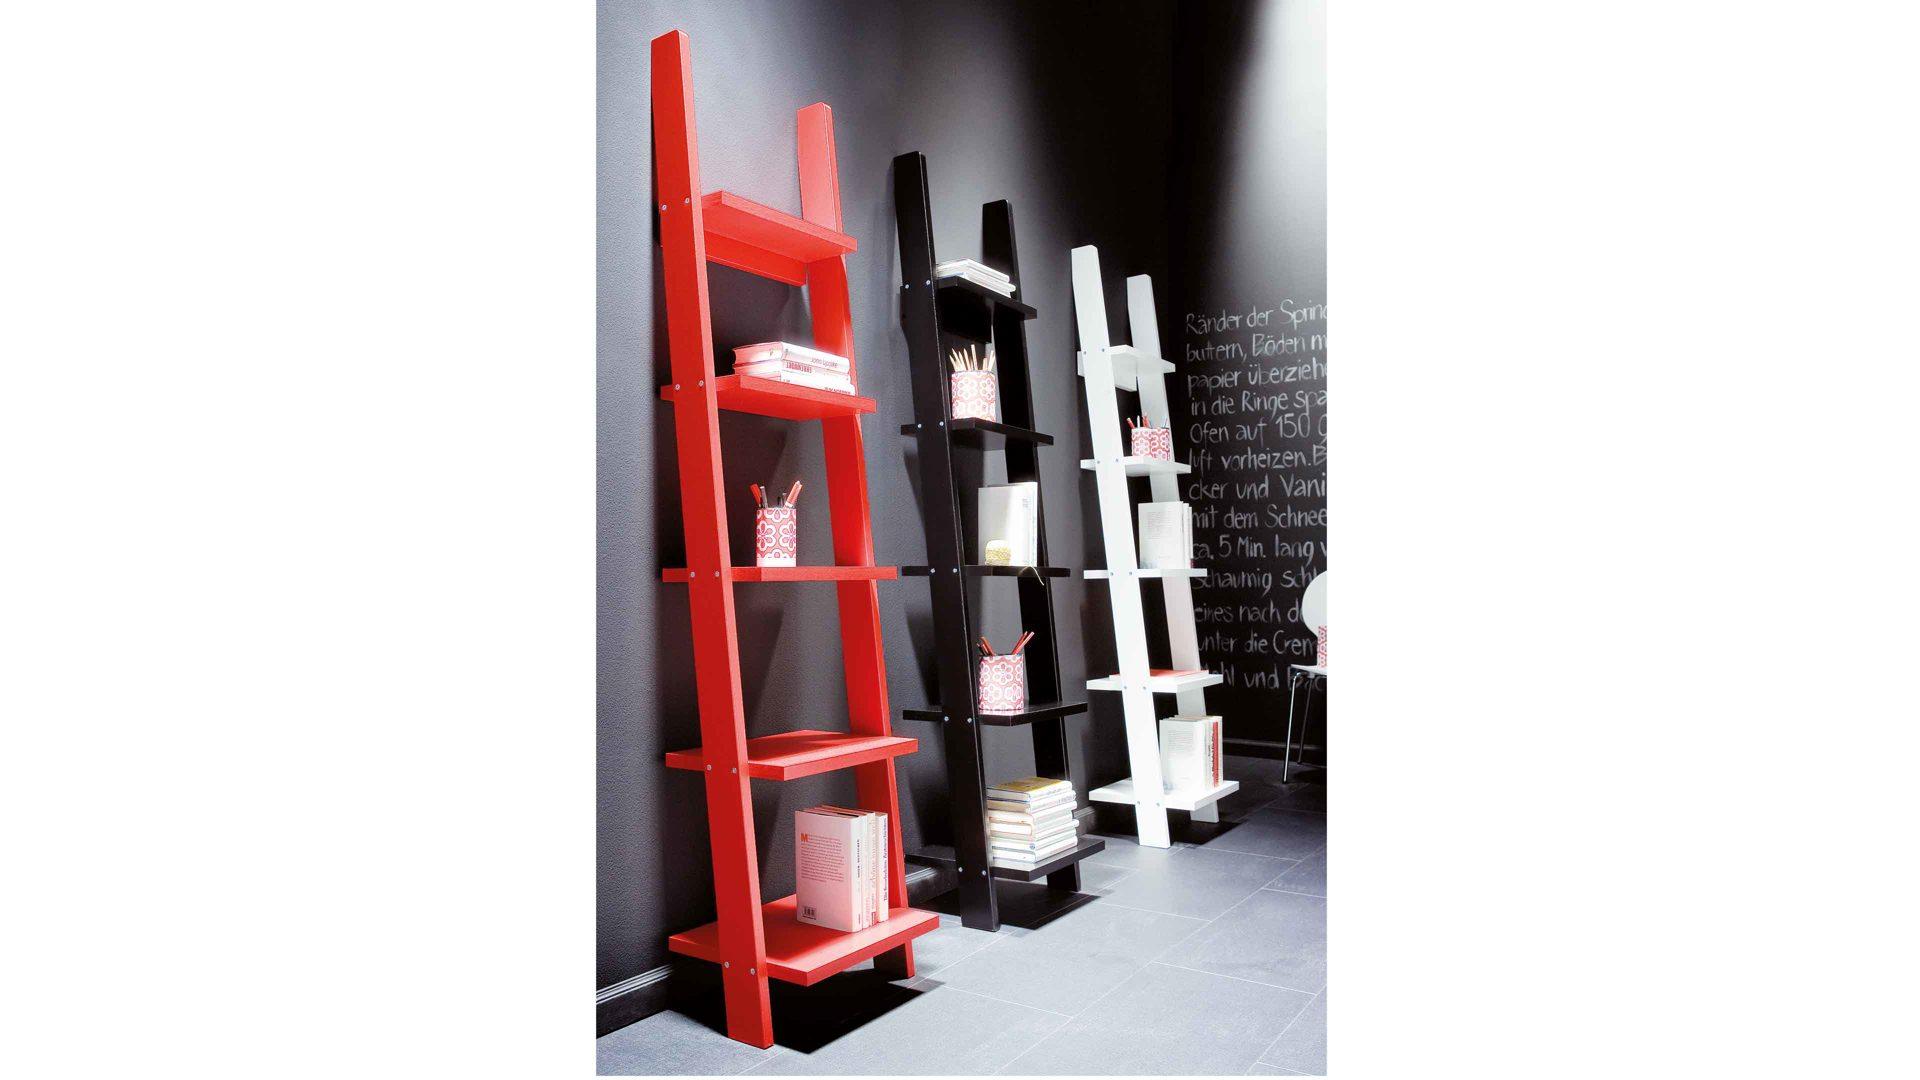 Ausgefallene Bücherregale möbel eilers apen möbel a z regale raumteiler bücherregale